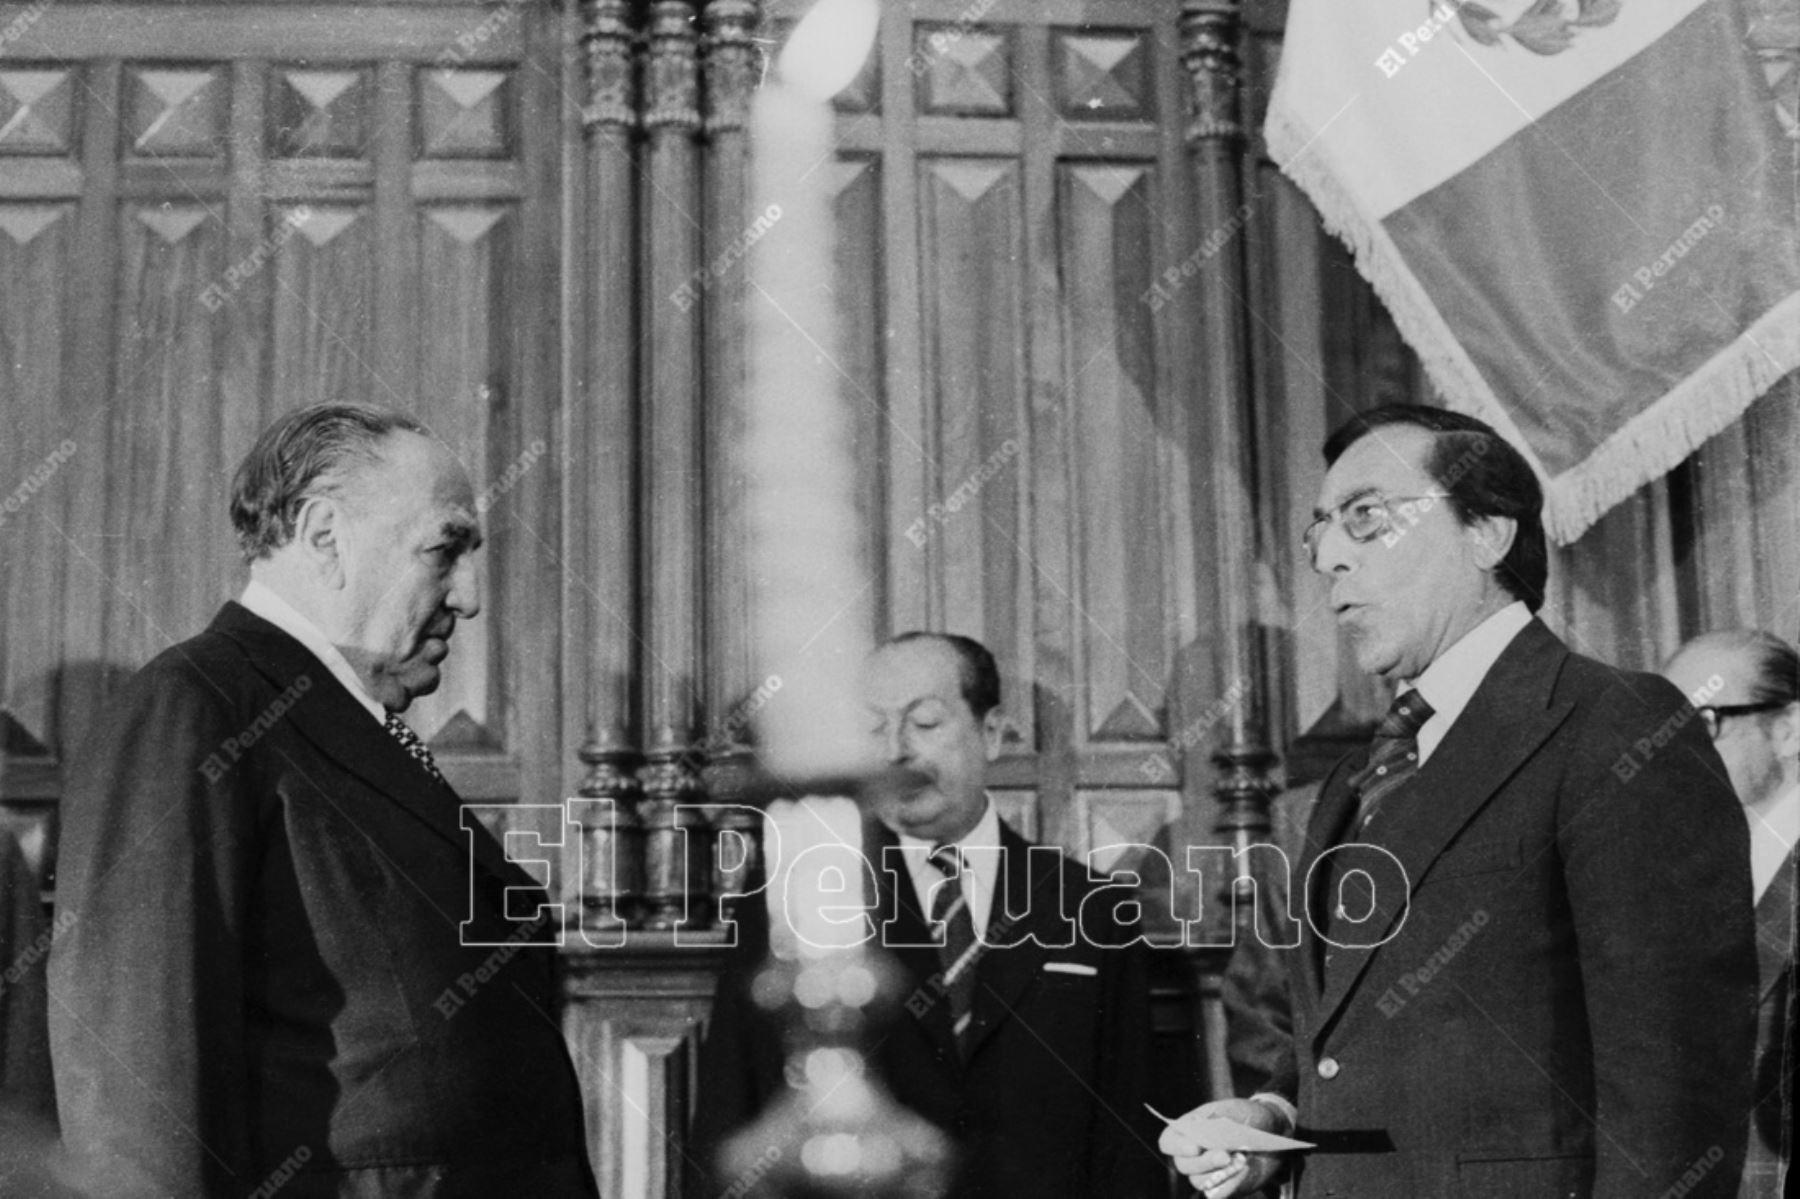 Lima - 18 julio 1978 / Víctor Raúl Haya de la Torre  juramenta como presidente de la Junta Preparatoria de la  Asamblea Constituyente ante Luis Bedoya Reyes, representante del Partido Popular Cristiano (PPC).  Foto: Archivo Histórico de El Peruano.